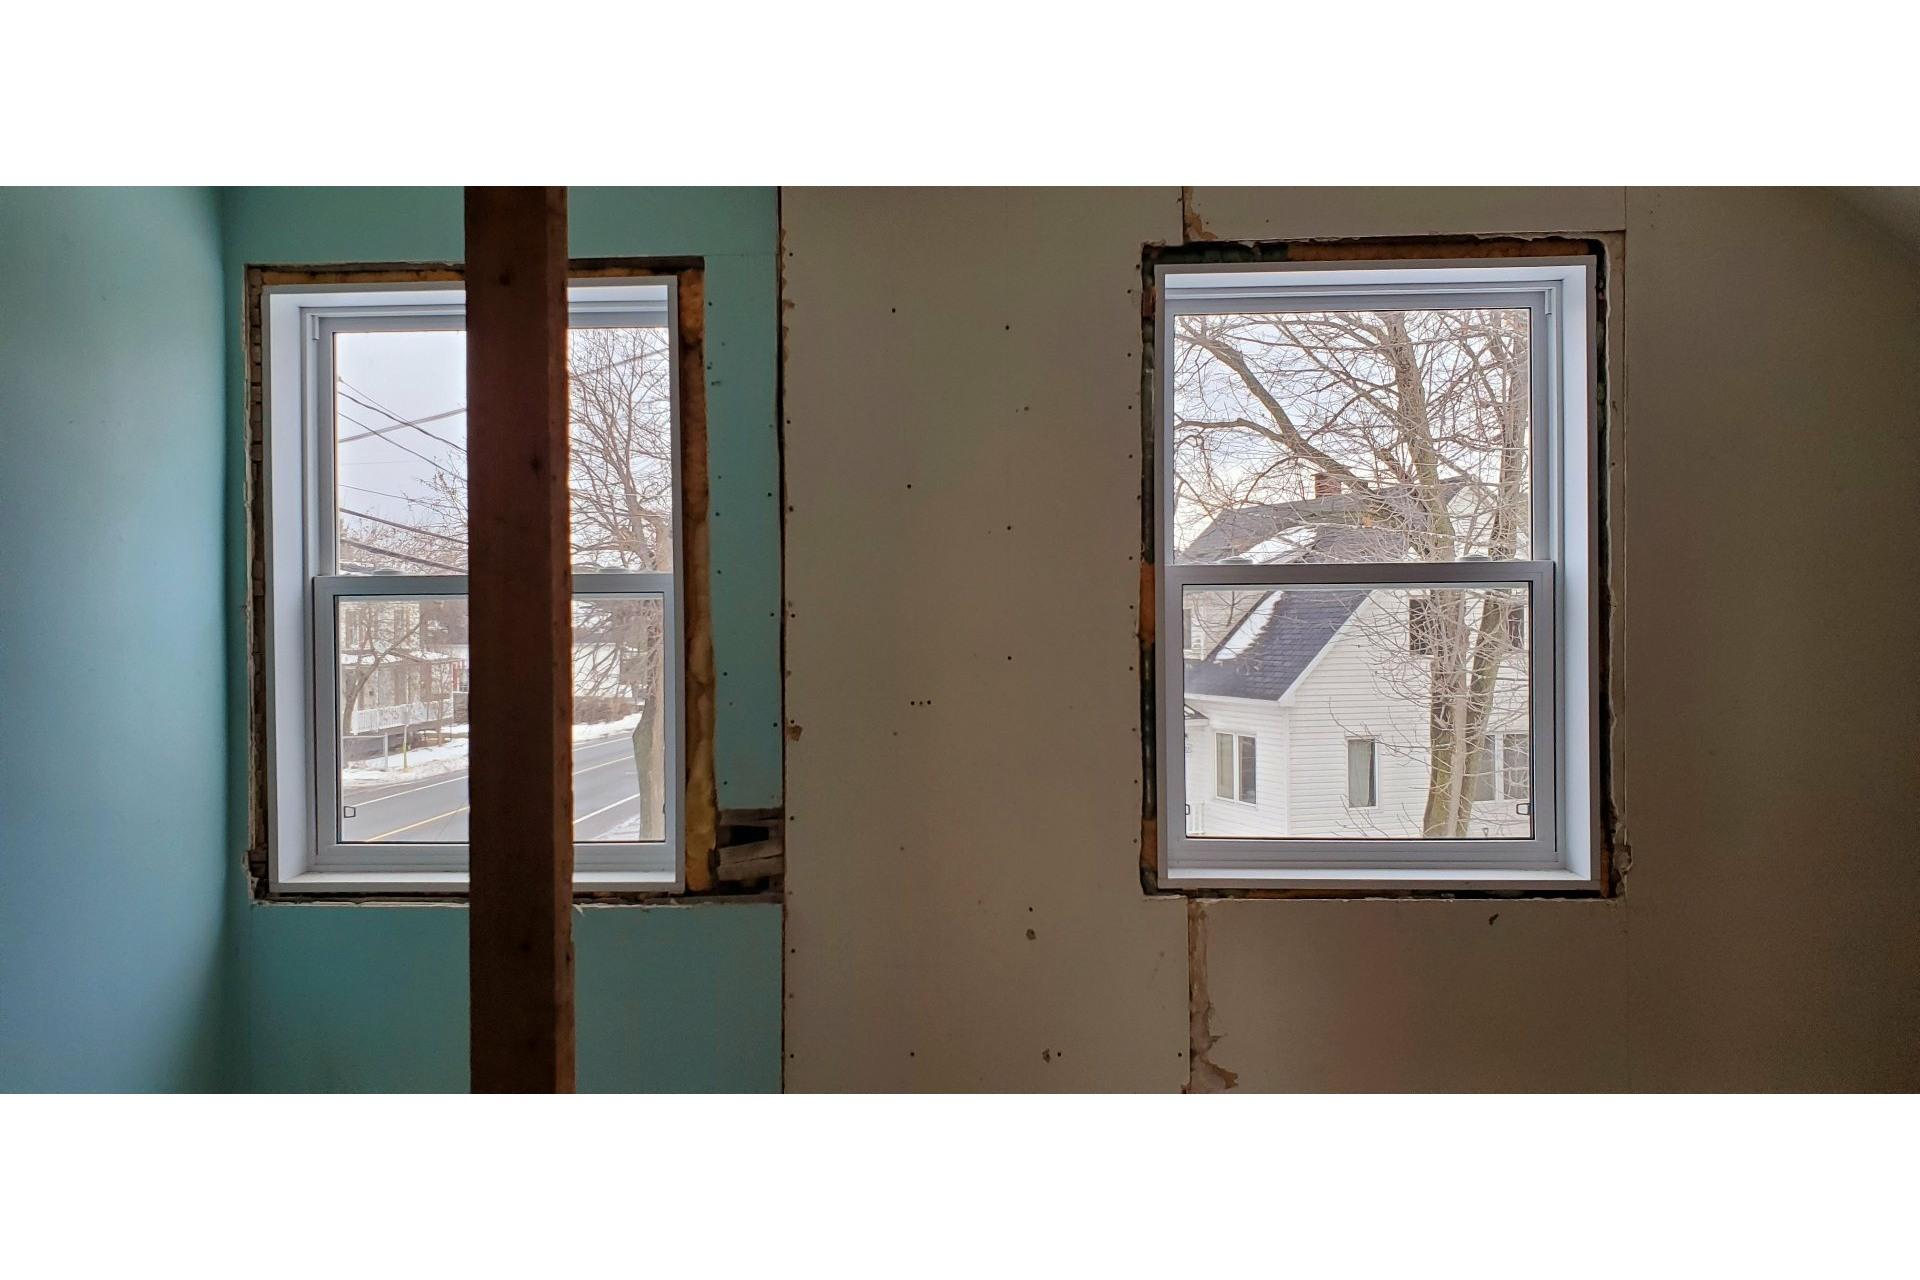 image 18 - Maison À vendre Trois-Rivières - 6 pièces